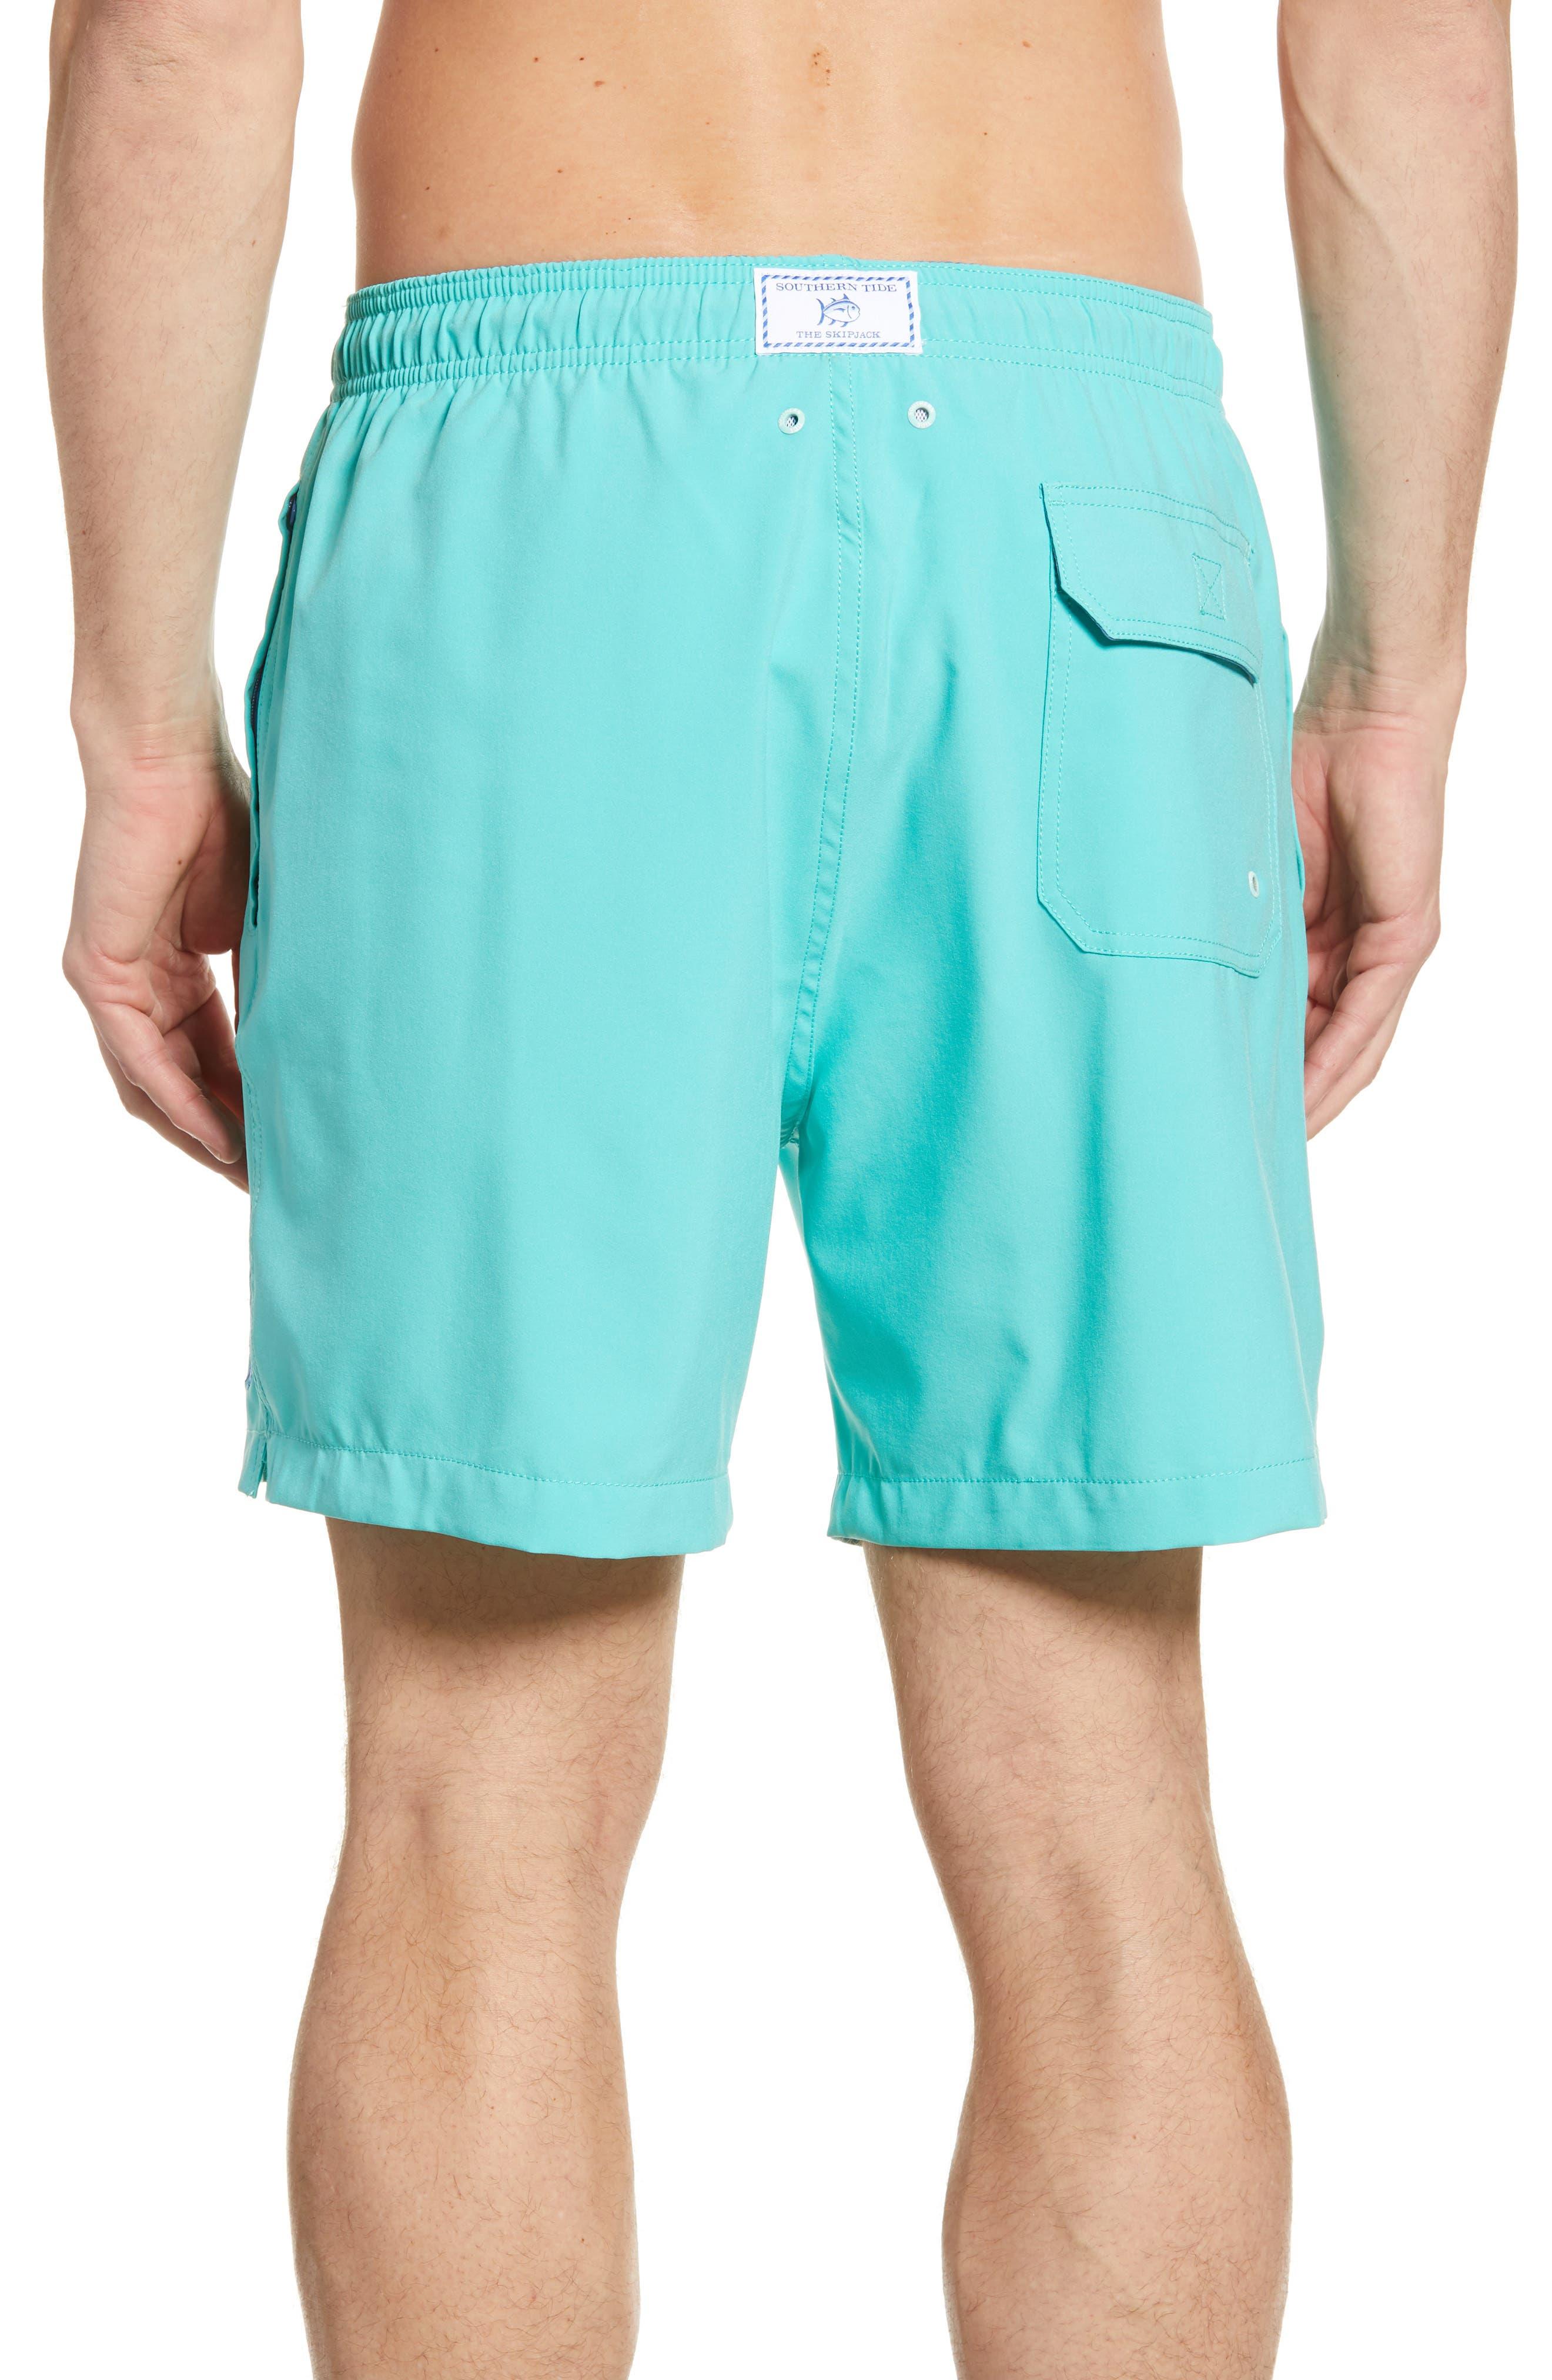 5665b9bce9 Men's Southern Tide Swimwear, Boardshorts & Swim Trunks   Nordstrom